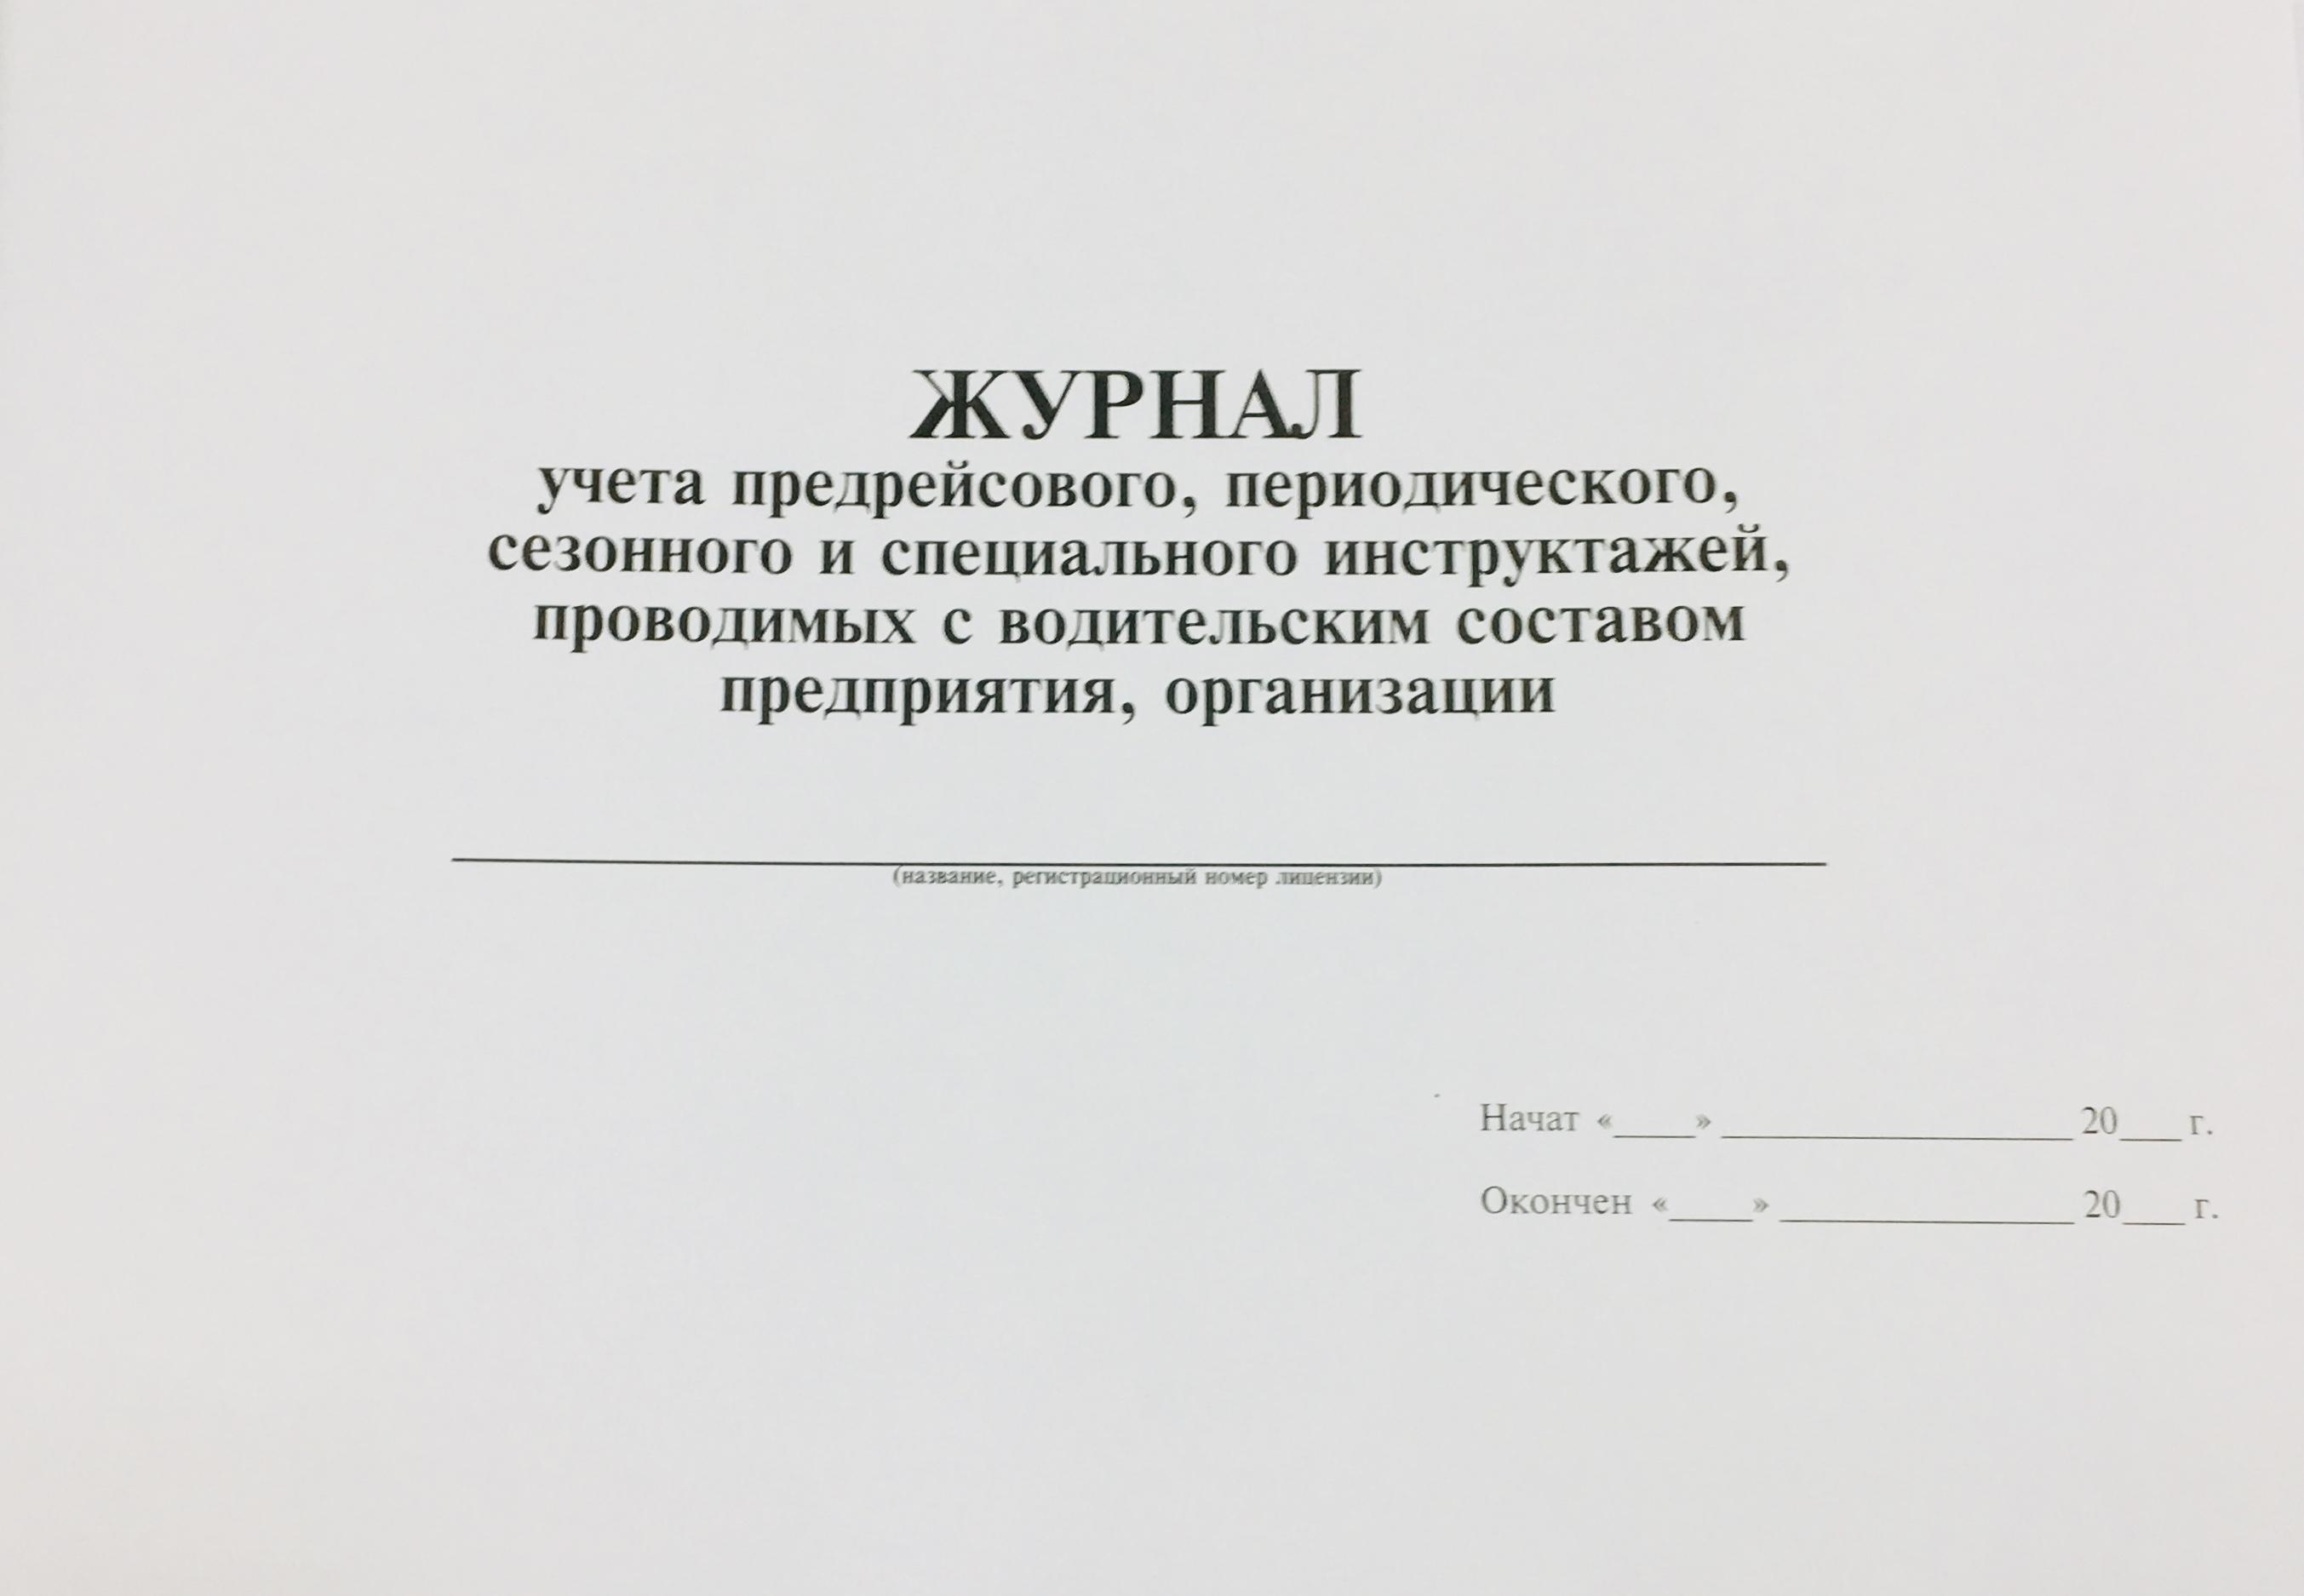 Журнал учета предрейсового,периодического,сезон. инструкт., проводимых с водит. сост.